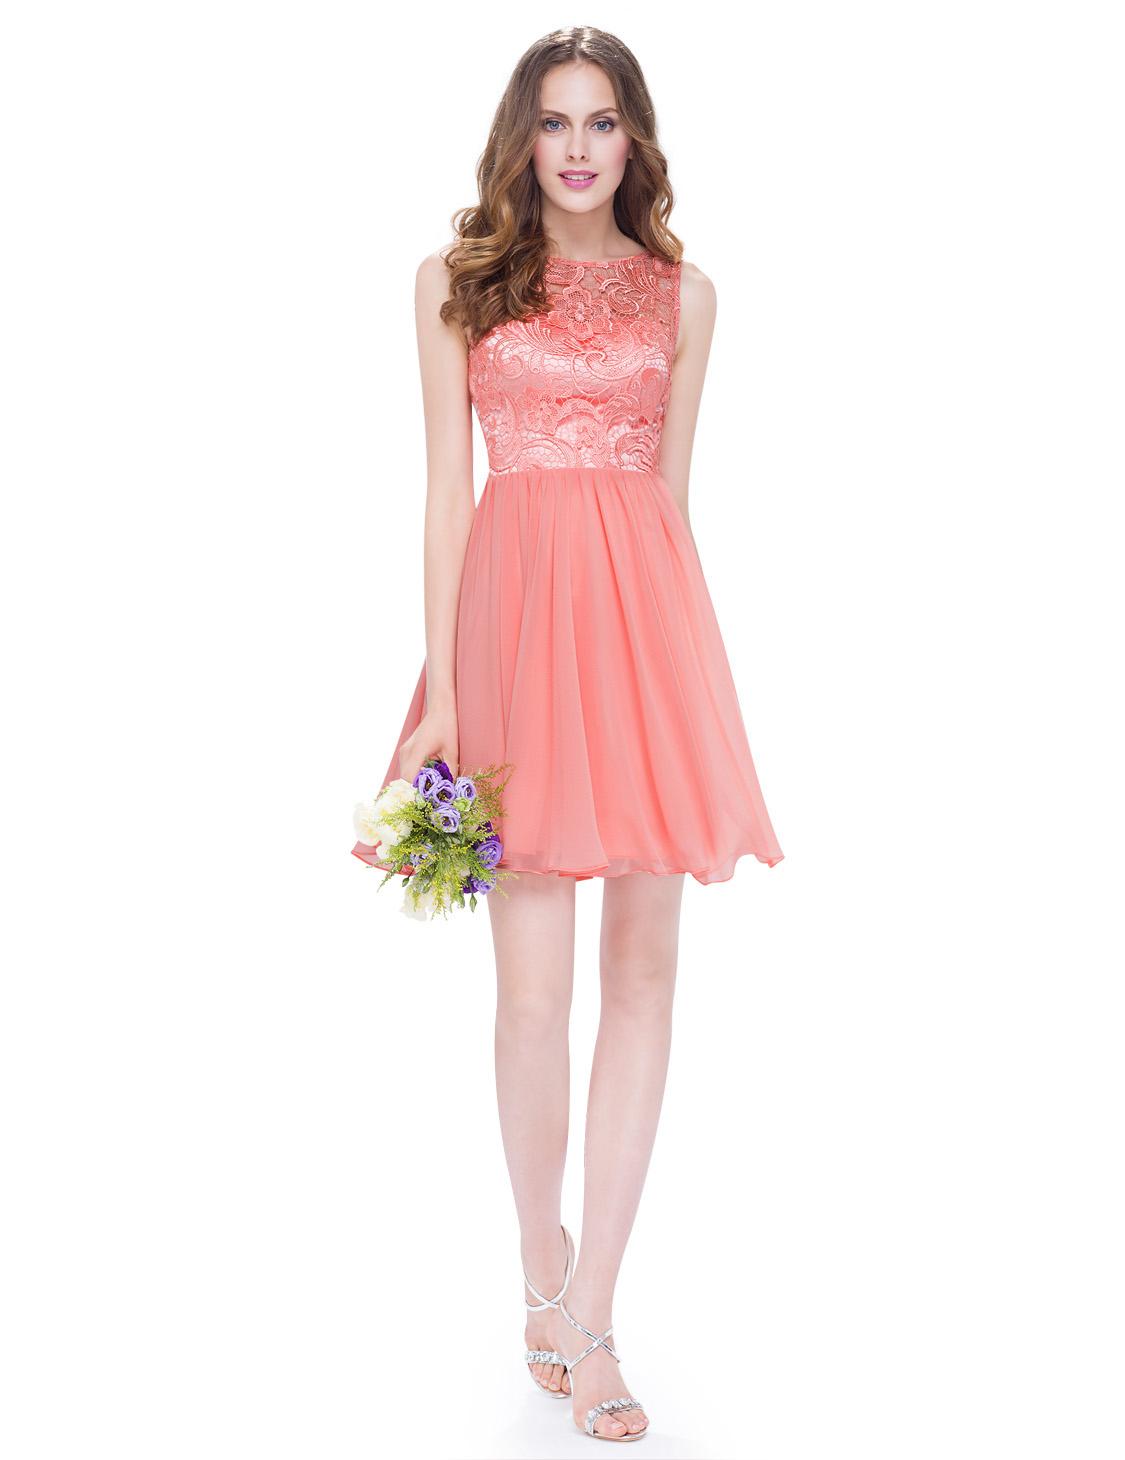 8c851a0f44be Máme krátké šaty od velikosti 34 až do velikosti 54